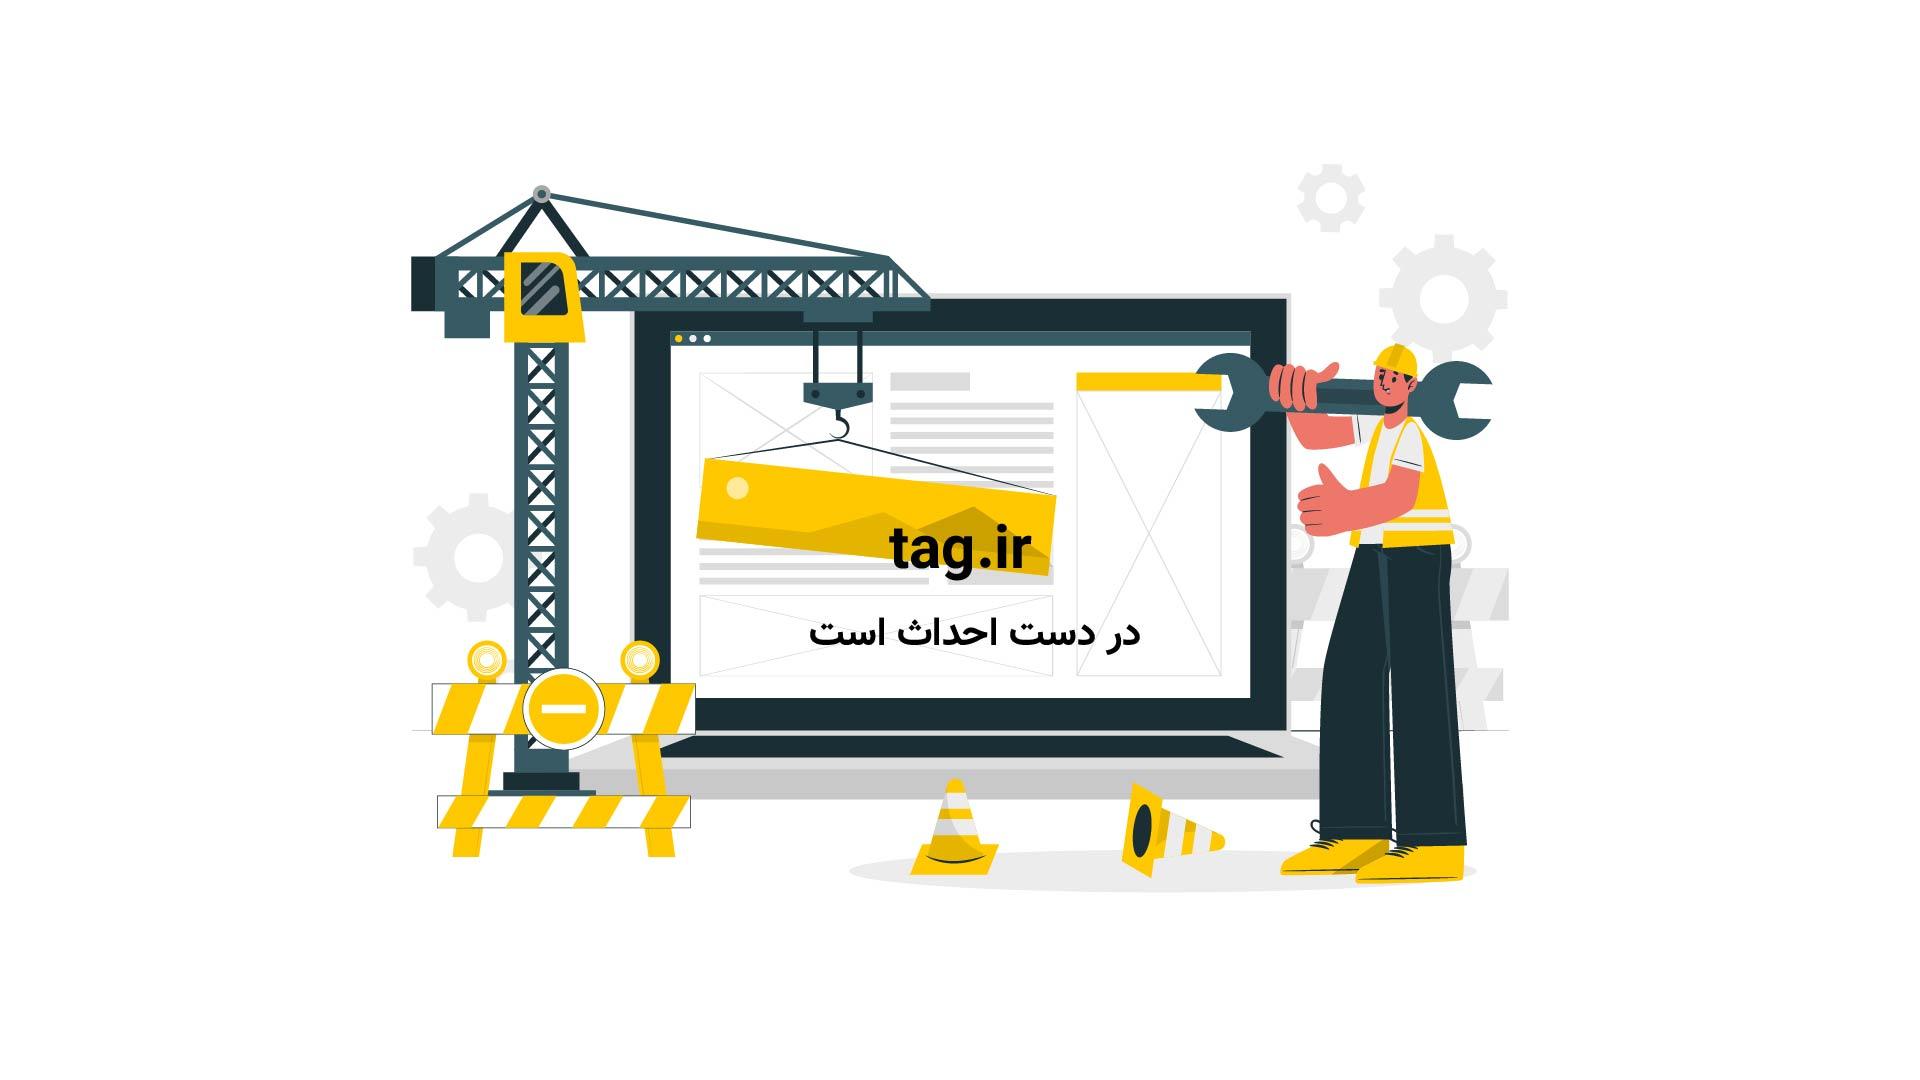 سخنرانی های تد؛ آینده نانو تکنولوژی | فیلم